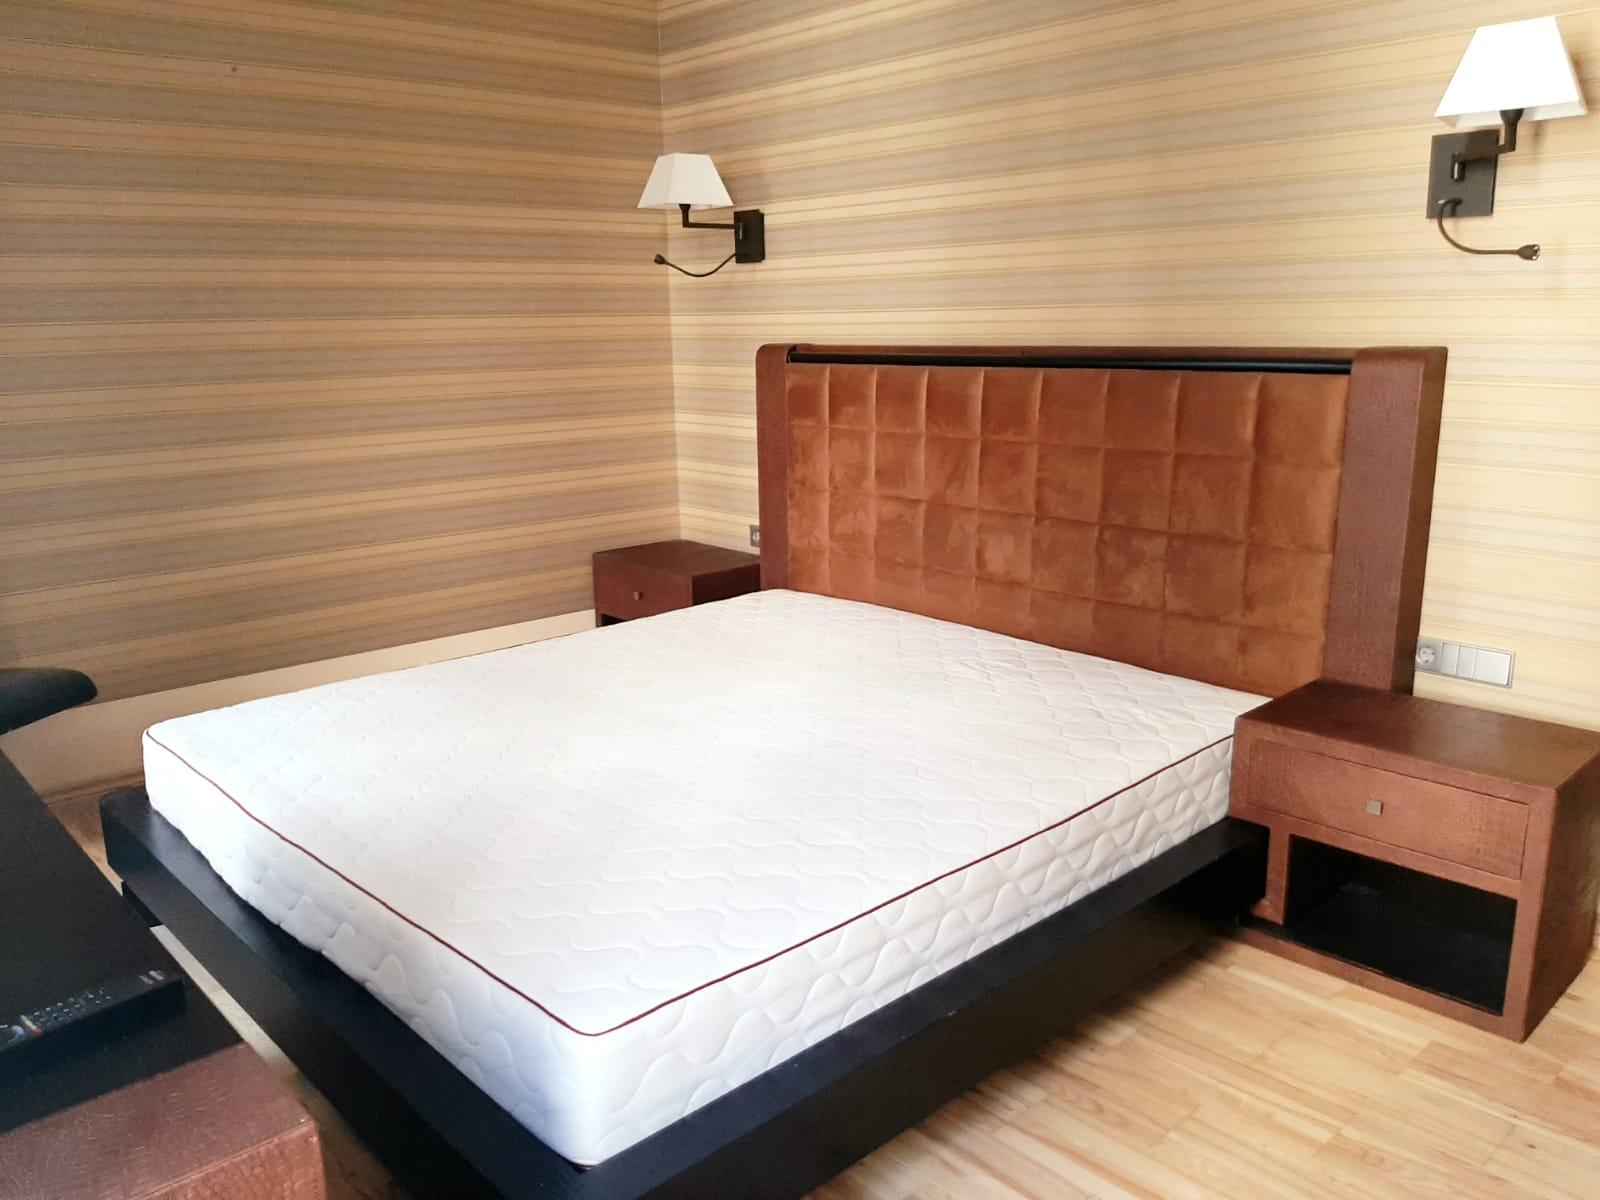 Tiek pārdots ekskluzīvs 6-istabu dzīvoklis renovētā ēkā